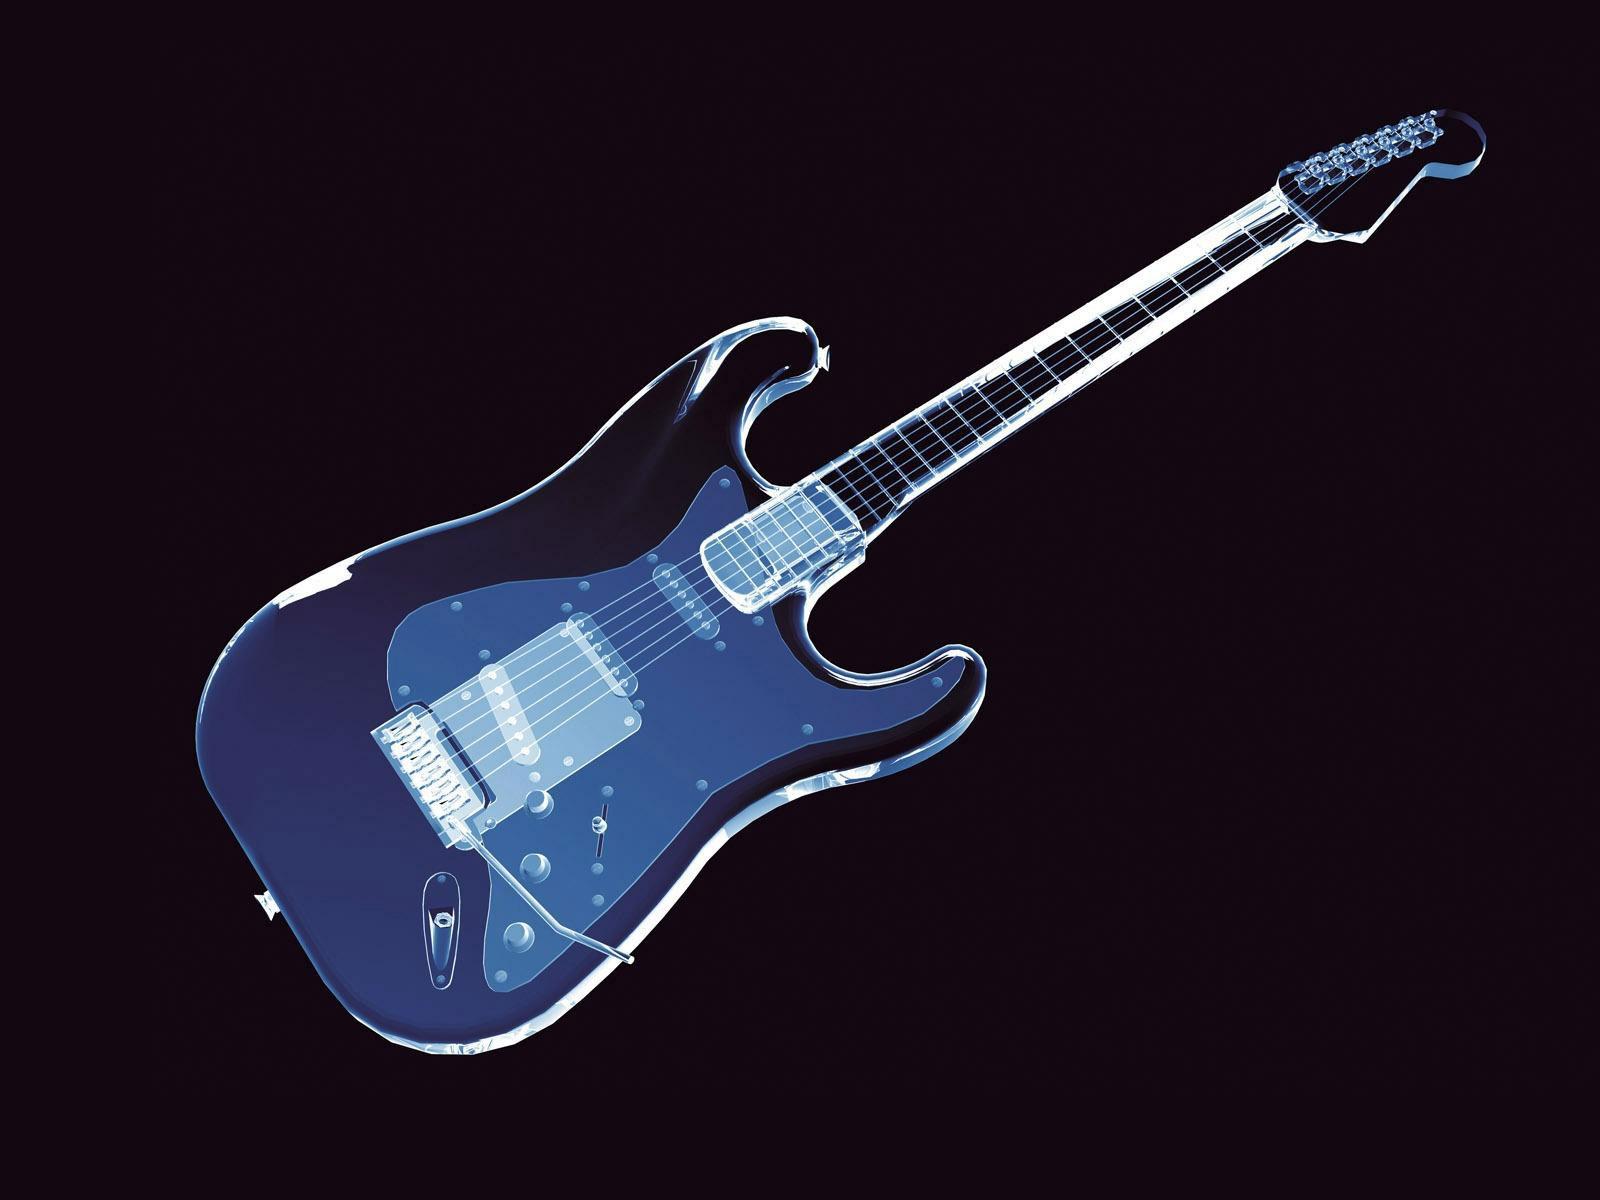 http://3.bp.blogspot.com/-70CHmsqTy0Y/UOXubIs2YrI/AAAAAAAAPKk/yUaMgxMg5Bk/s1600/3d_Wallpaper_Mobile_Guitar.jpg